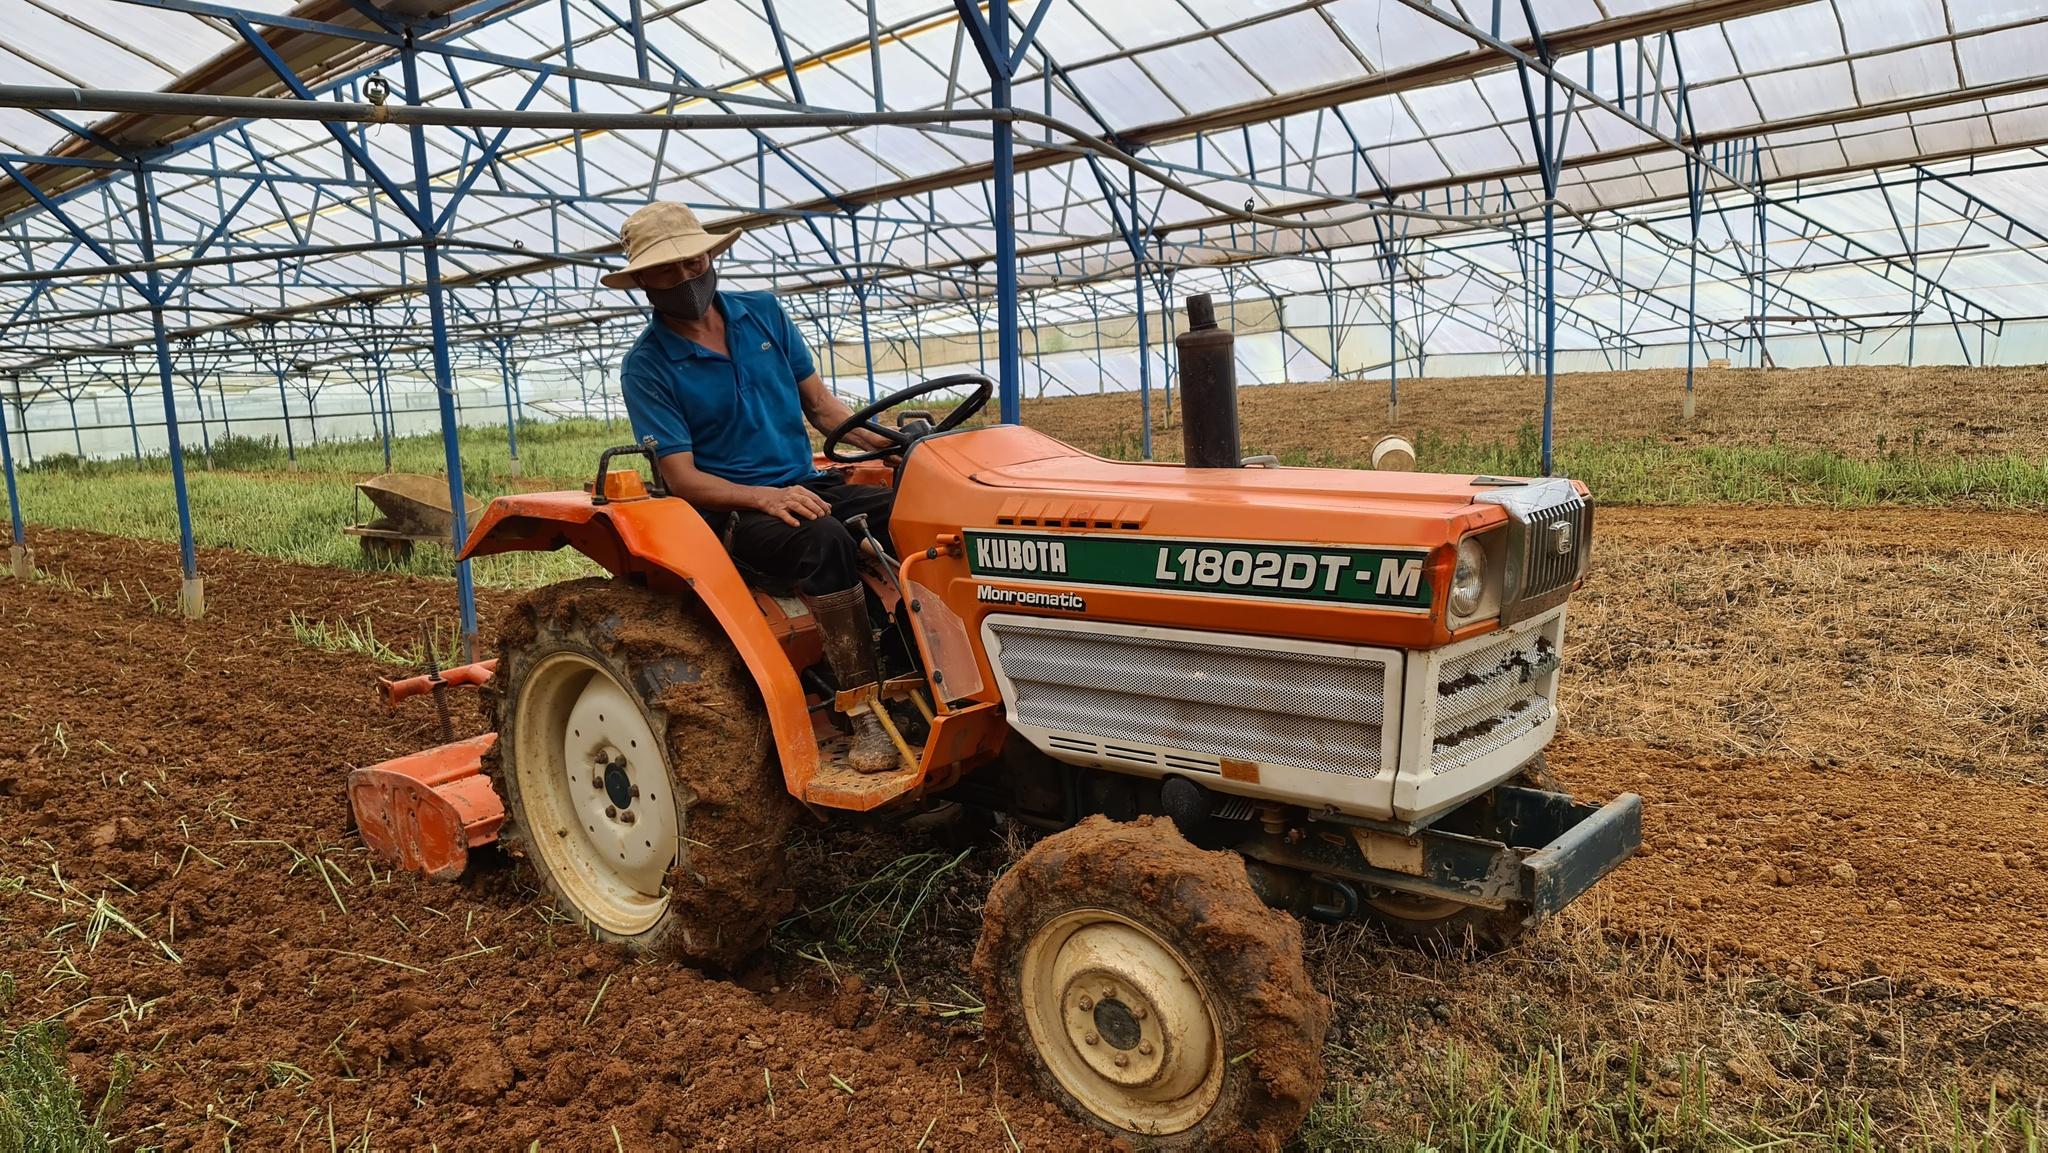 Nông dân cày đất sau khi các nhóm từ thiện thu hoạch xong. Ảnh: Lâm Viên